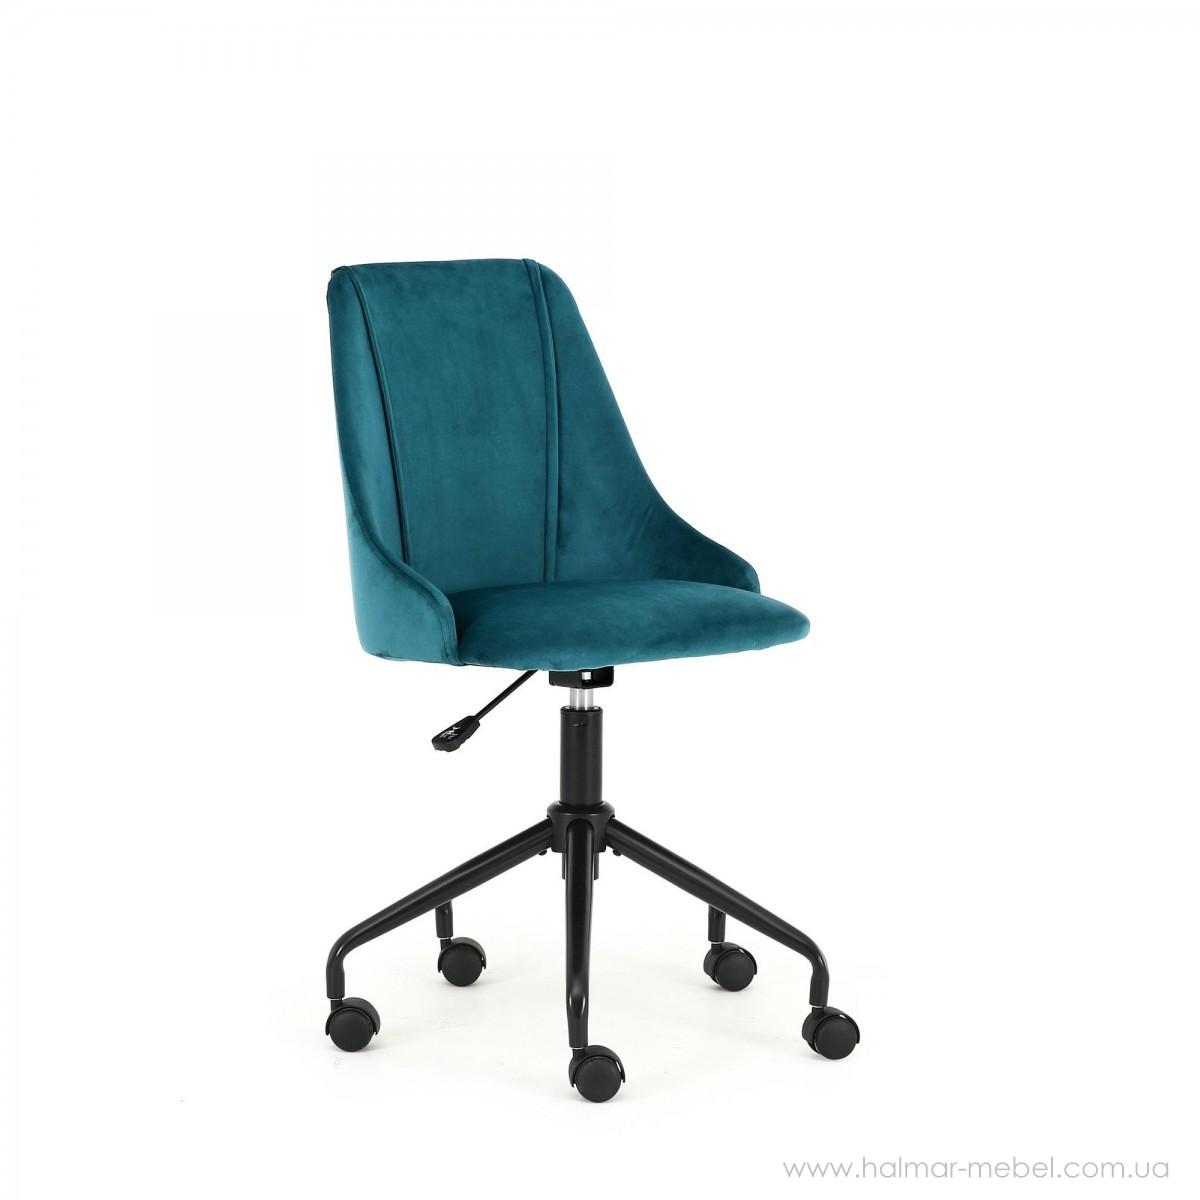 Офисный стул BREAK HALMAR (темно-зеленый)